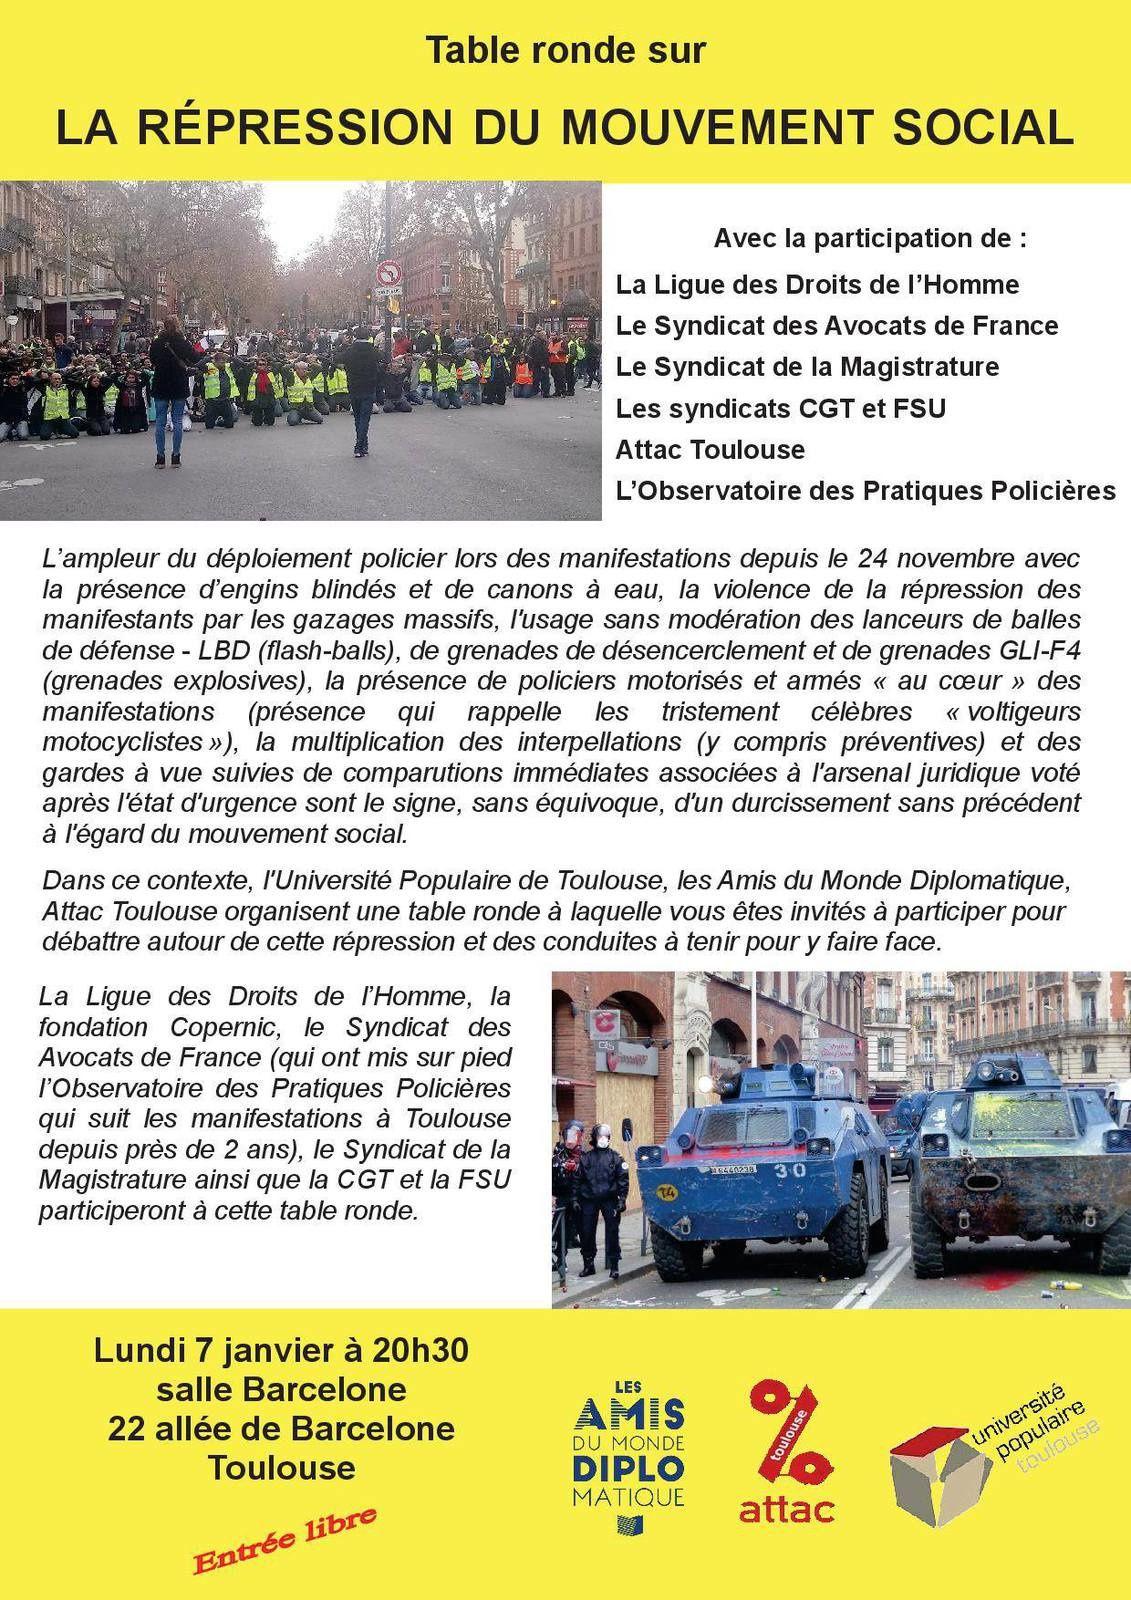 Lundi 7 janvier 2019 20h30 : Table ronde sur la répression du mouvement social